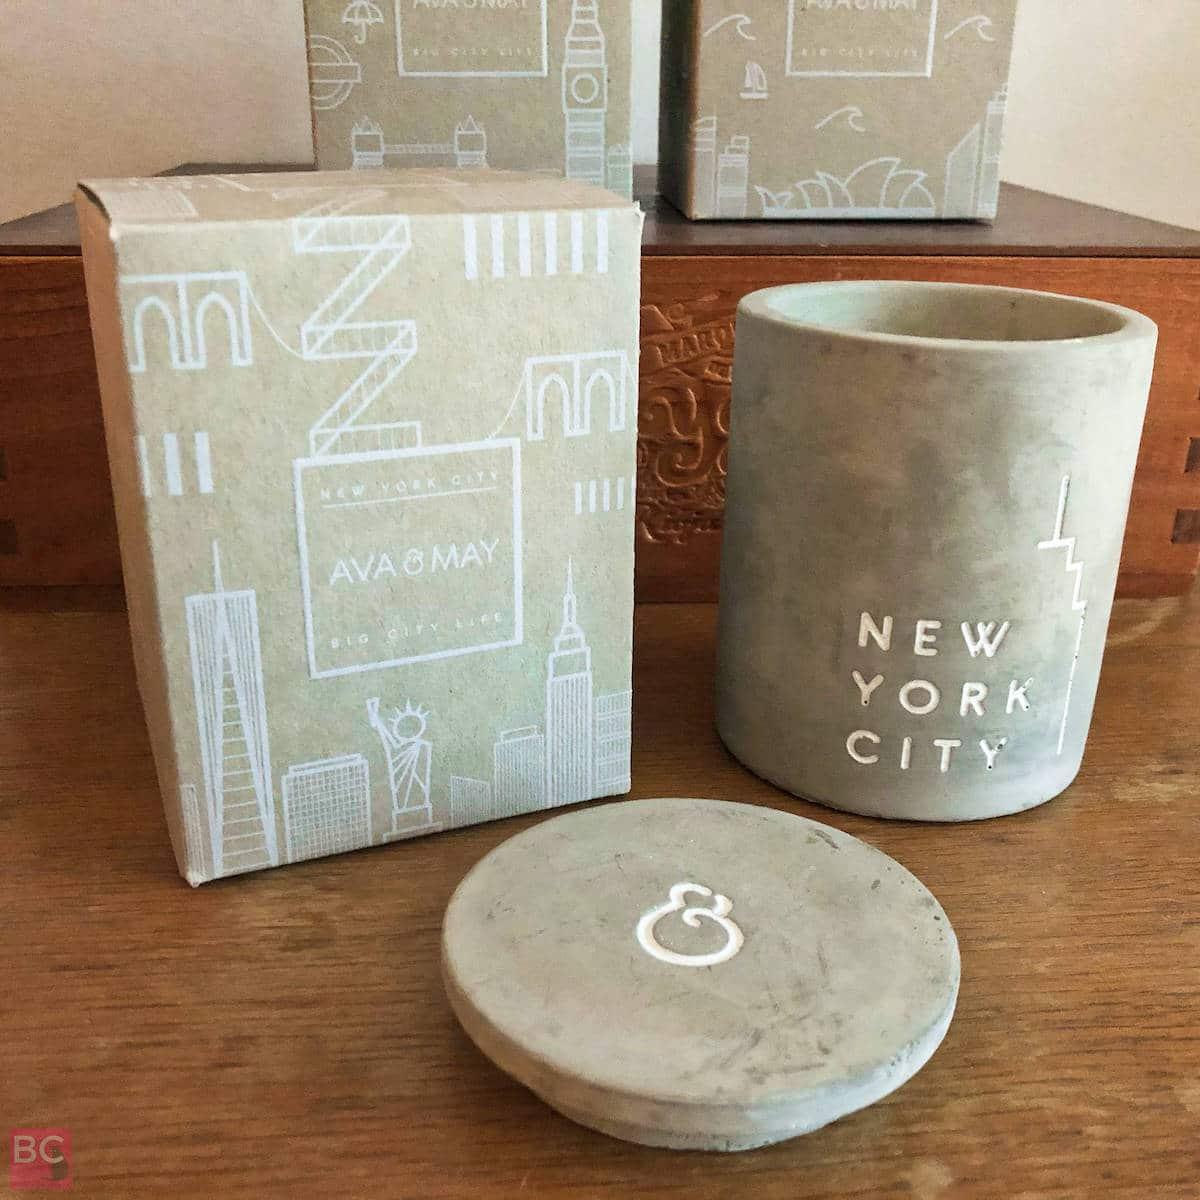 AVA & MAY Betonkerzen New York Erfahrung Bewertung Beton Kerzenhalter